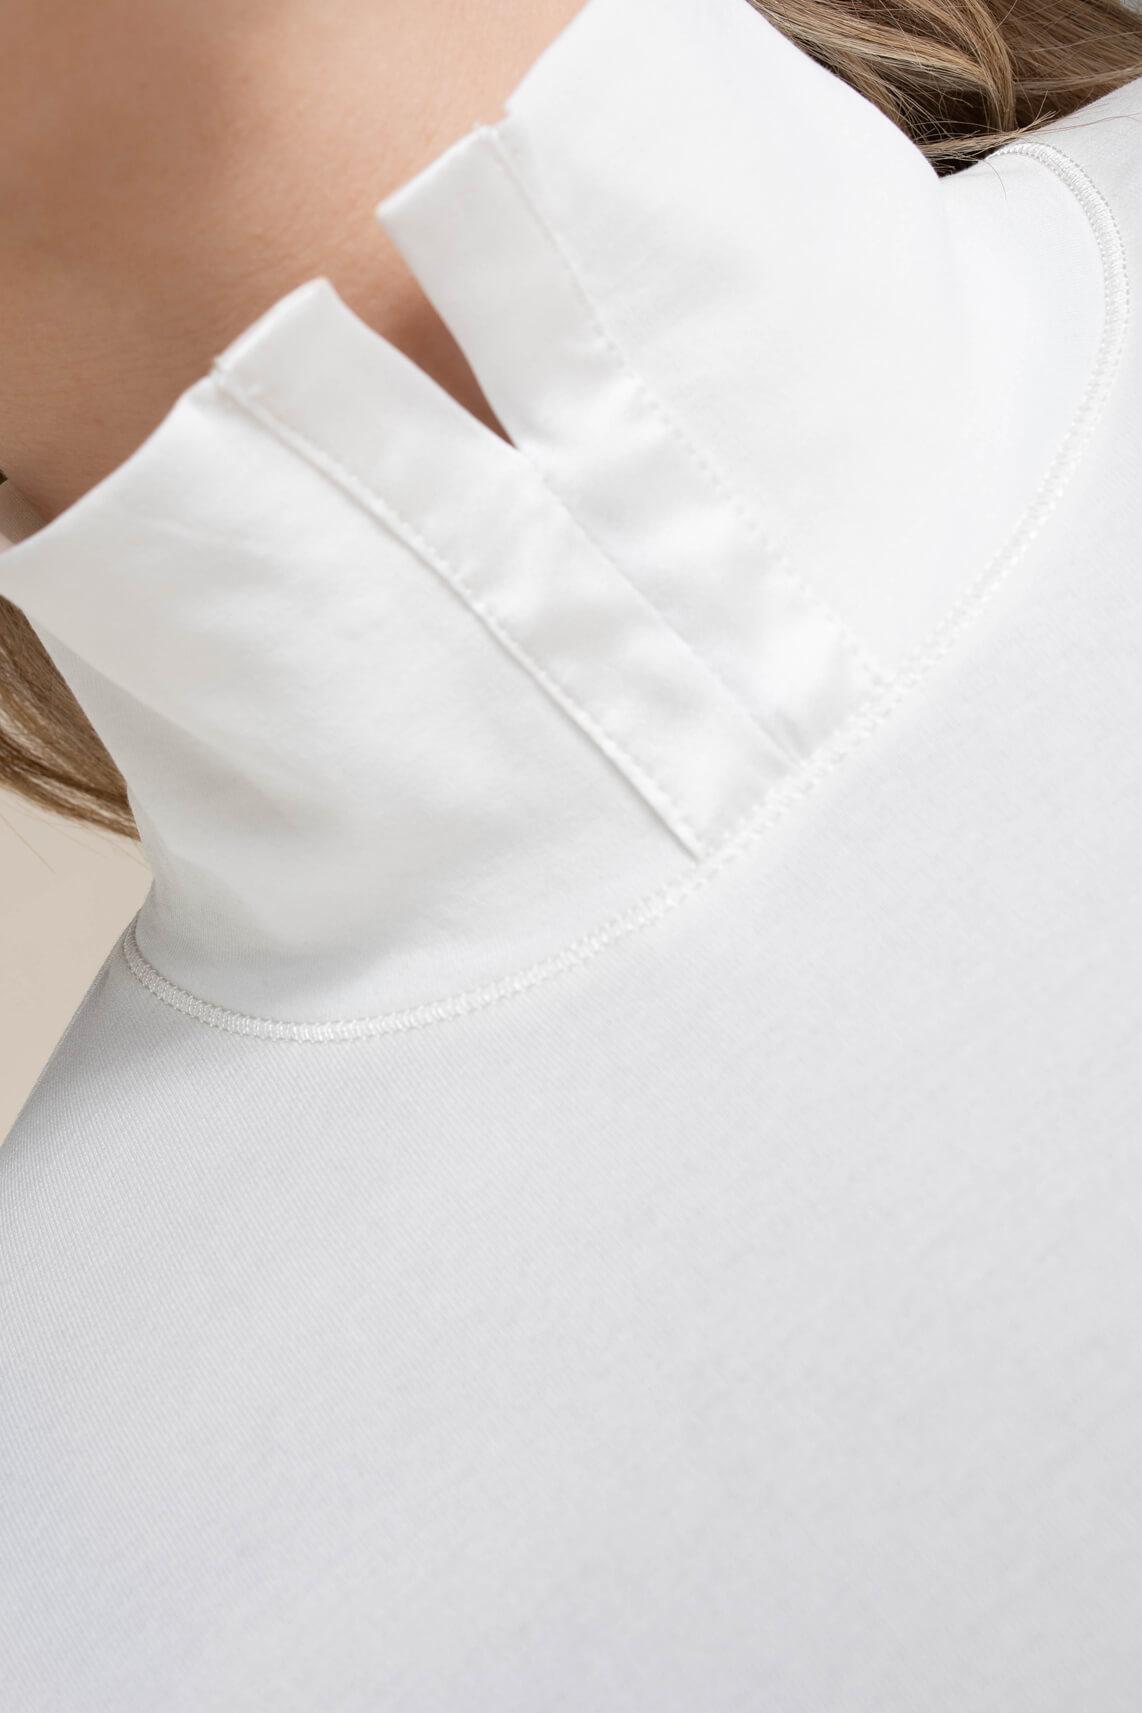 Marccain Dames Shirt met zijden details wit